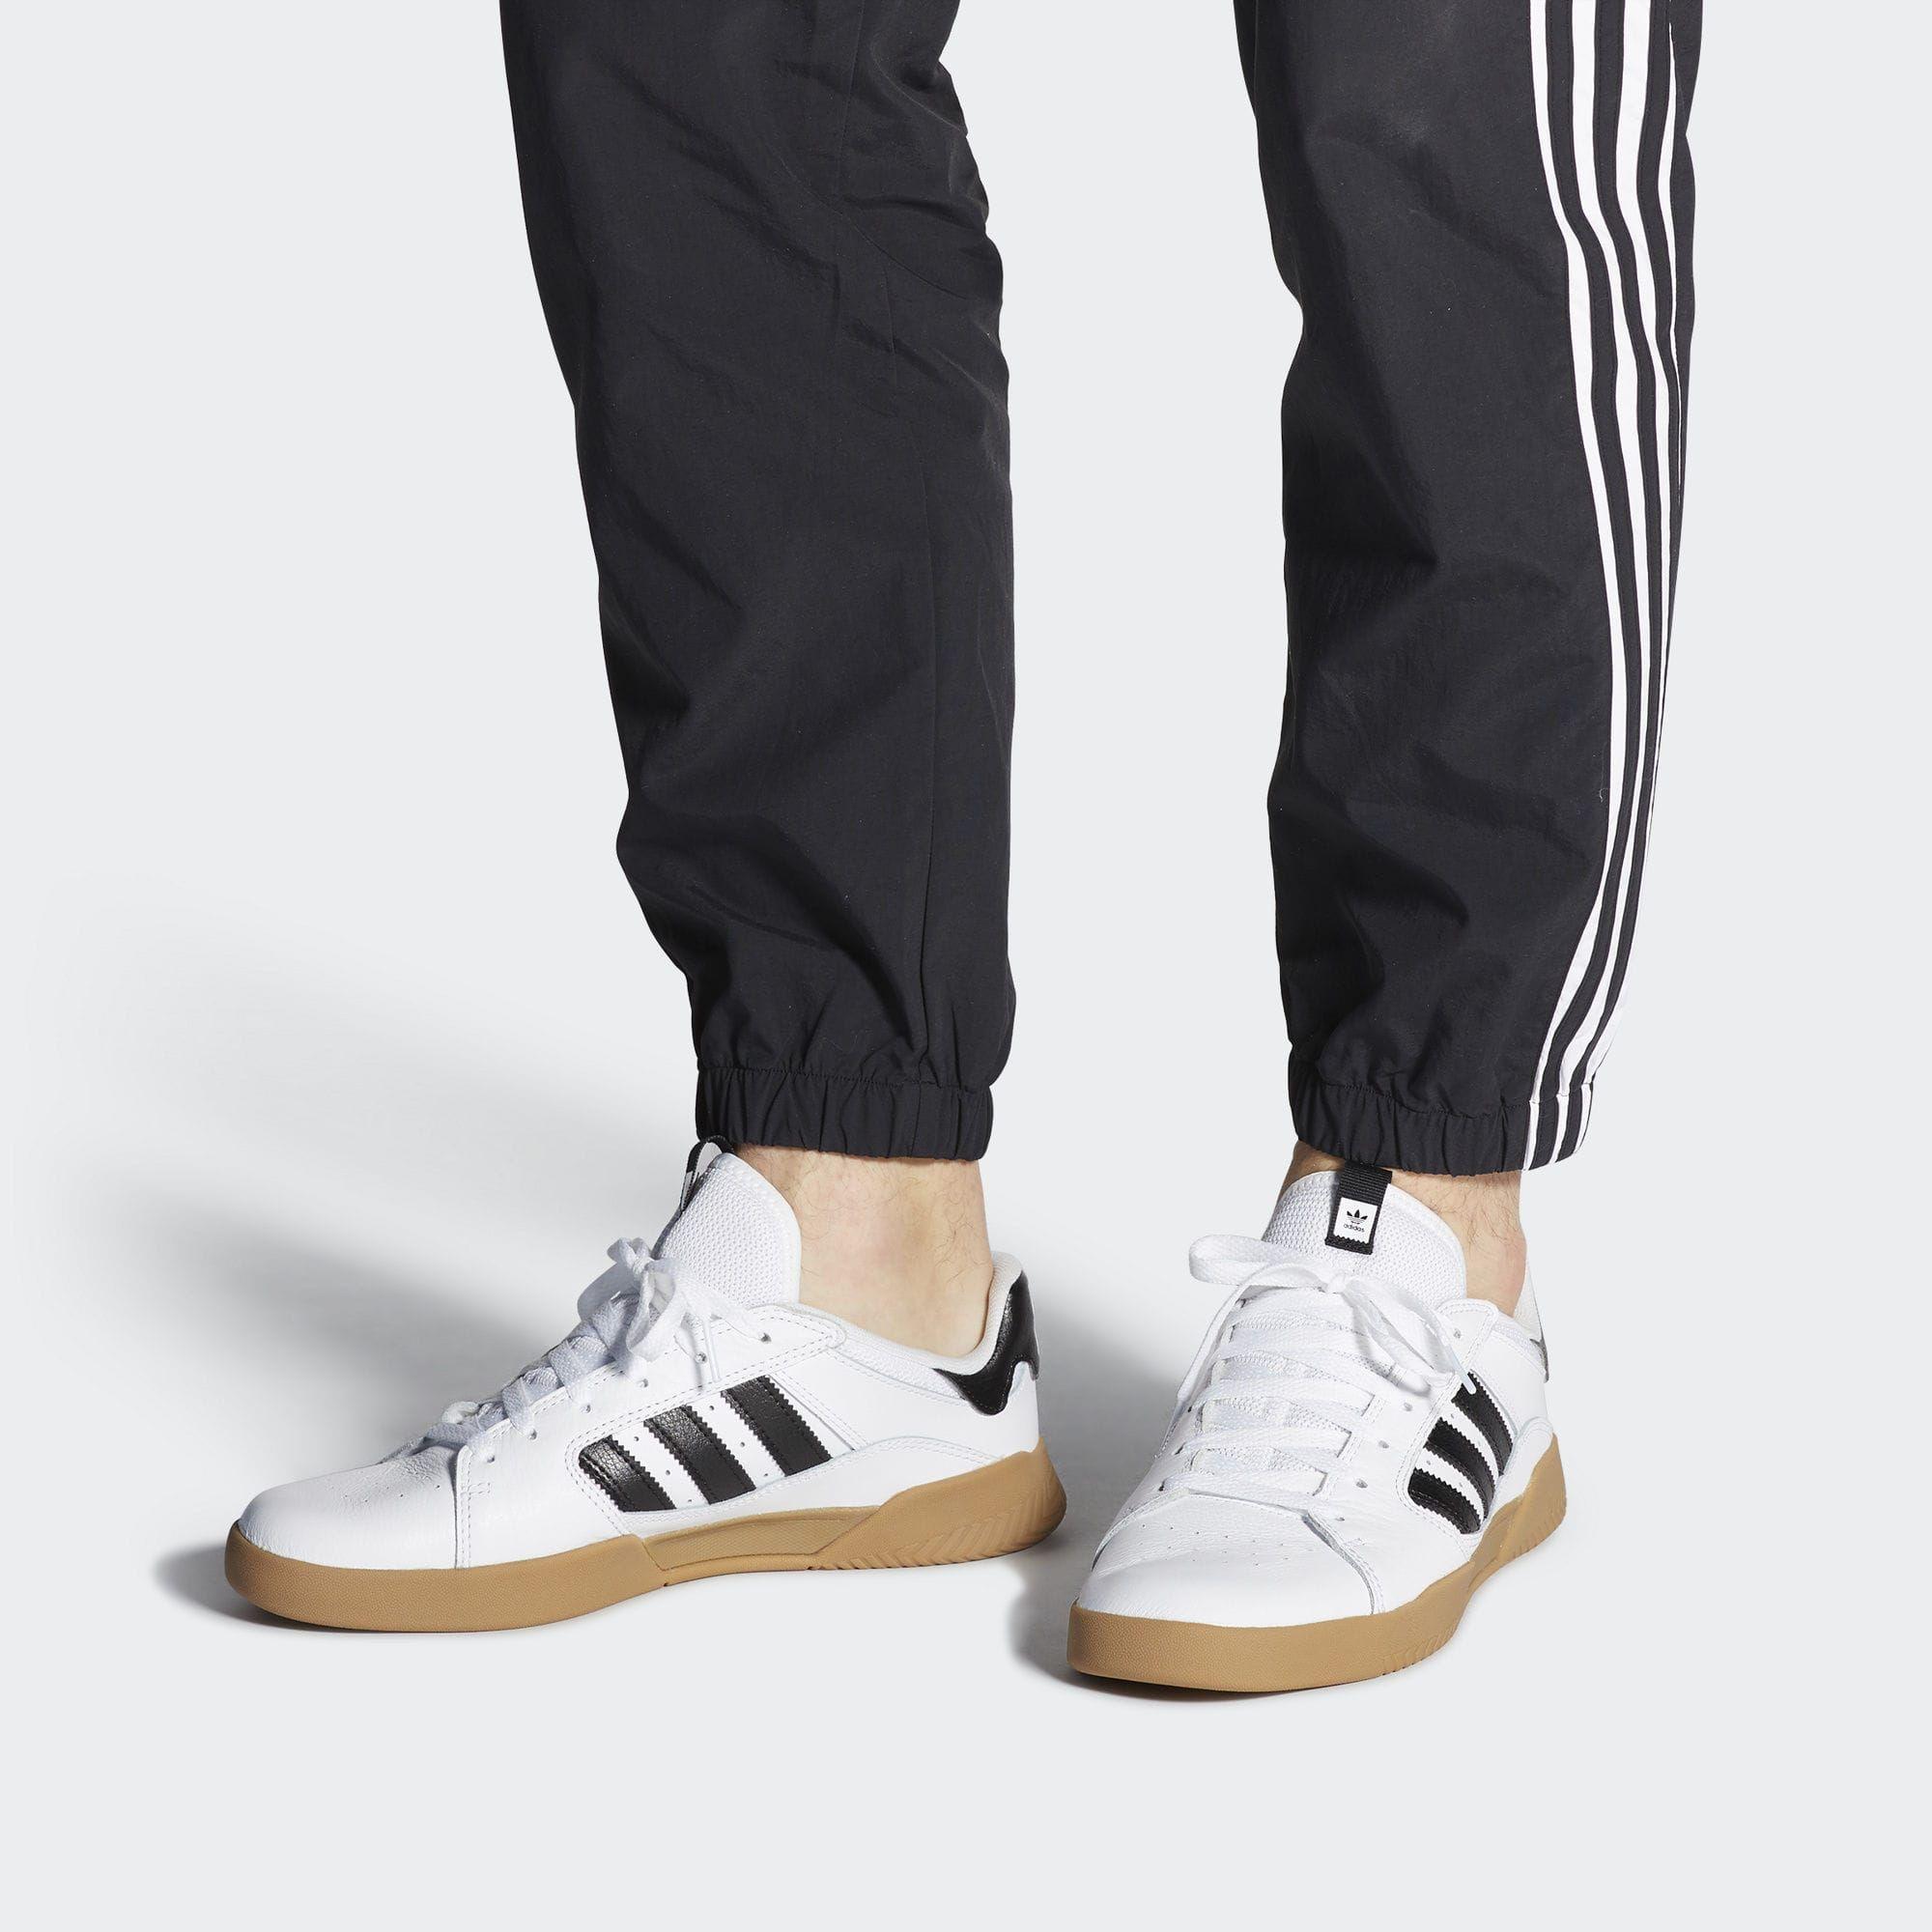 Adidas Originals Sneaker Vrx Low Herren Schwarz Weiss Grosse 49 49 5